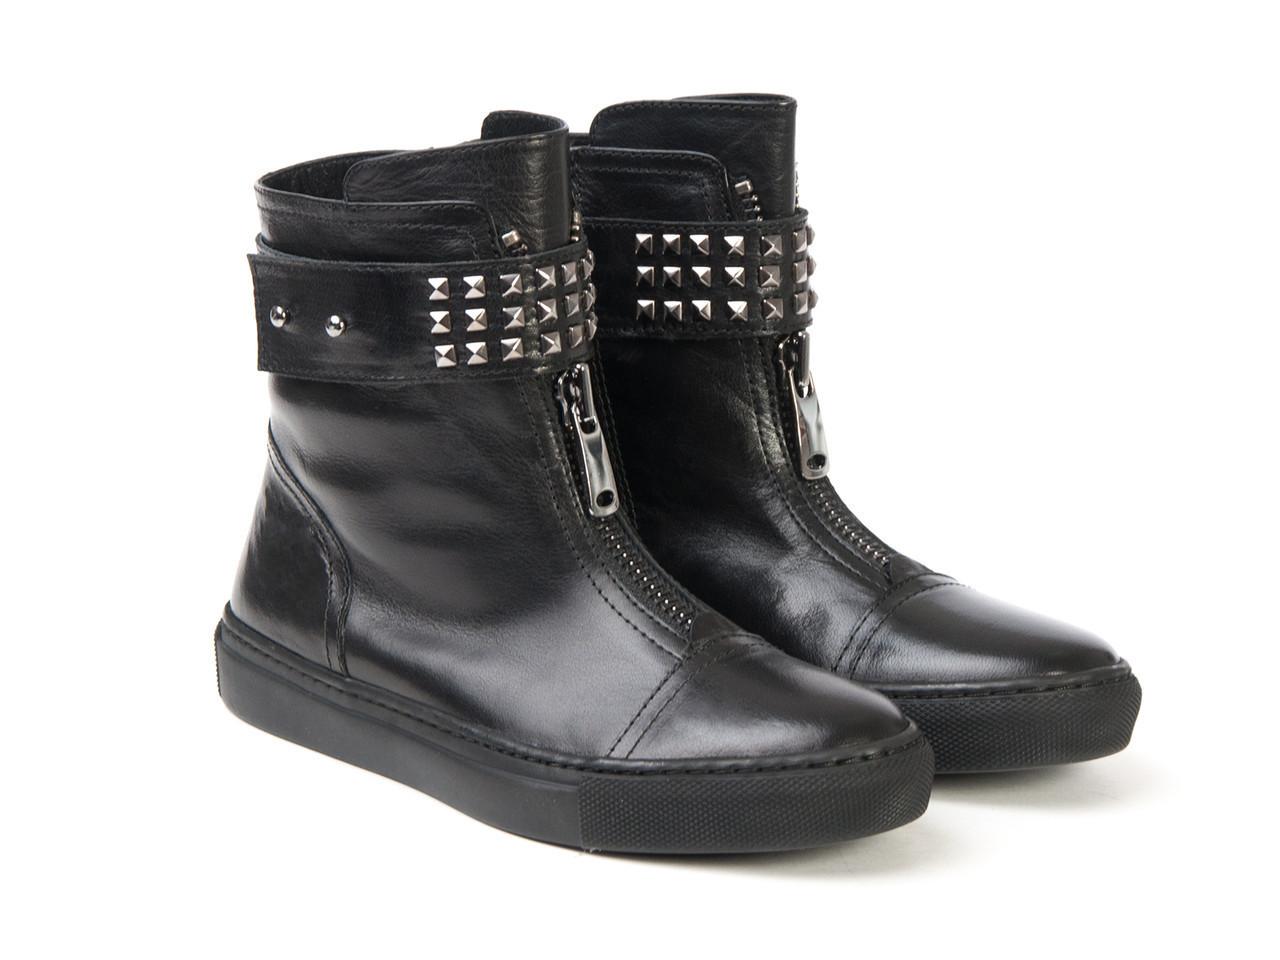 Ботинки Etor 4398-7165 37 черные